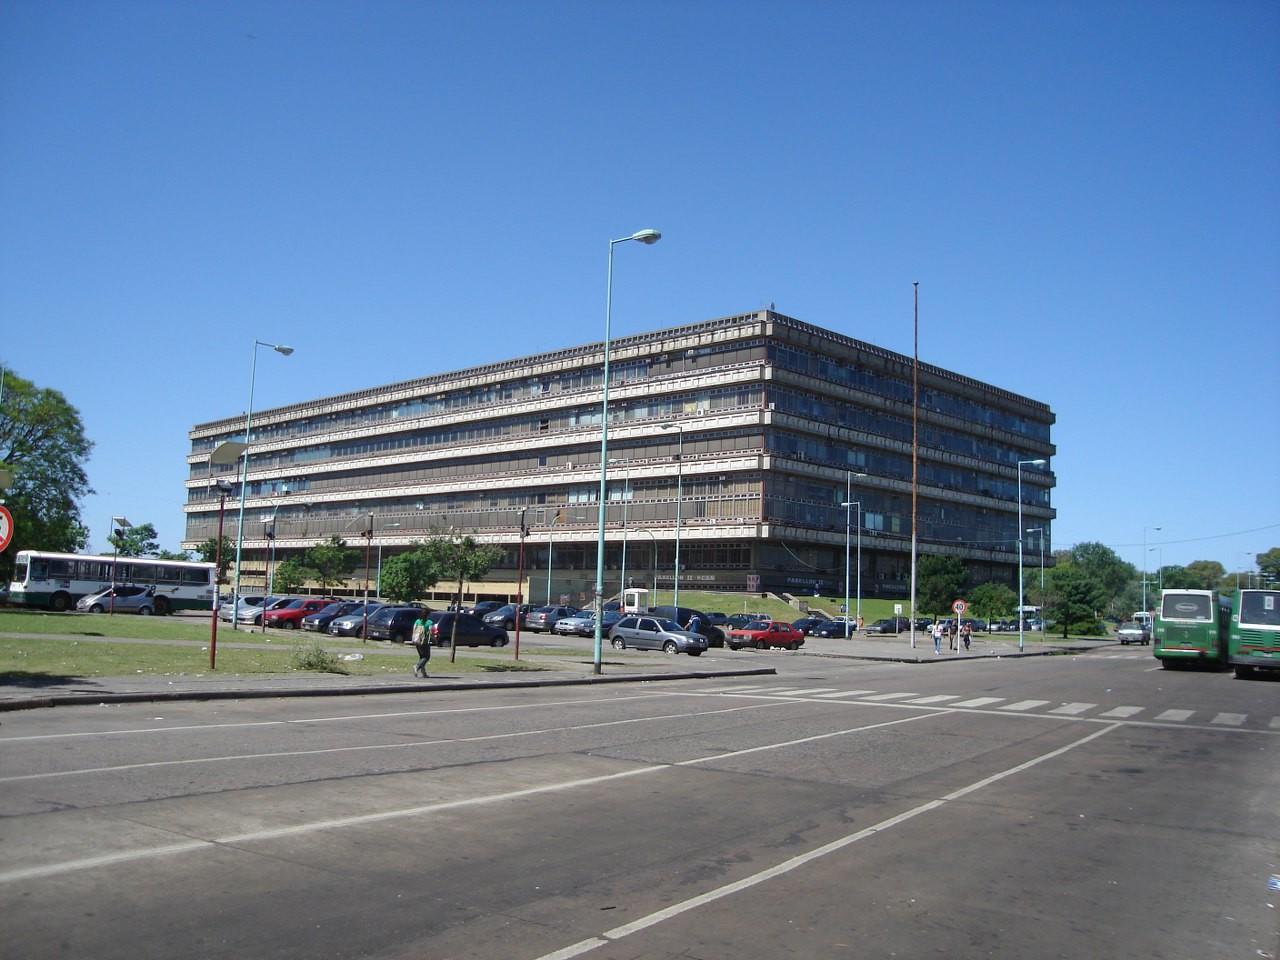 Universidad de Buenos Aires (UBA) / Facultad de Ciencias Exactas y Naturales